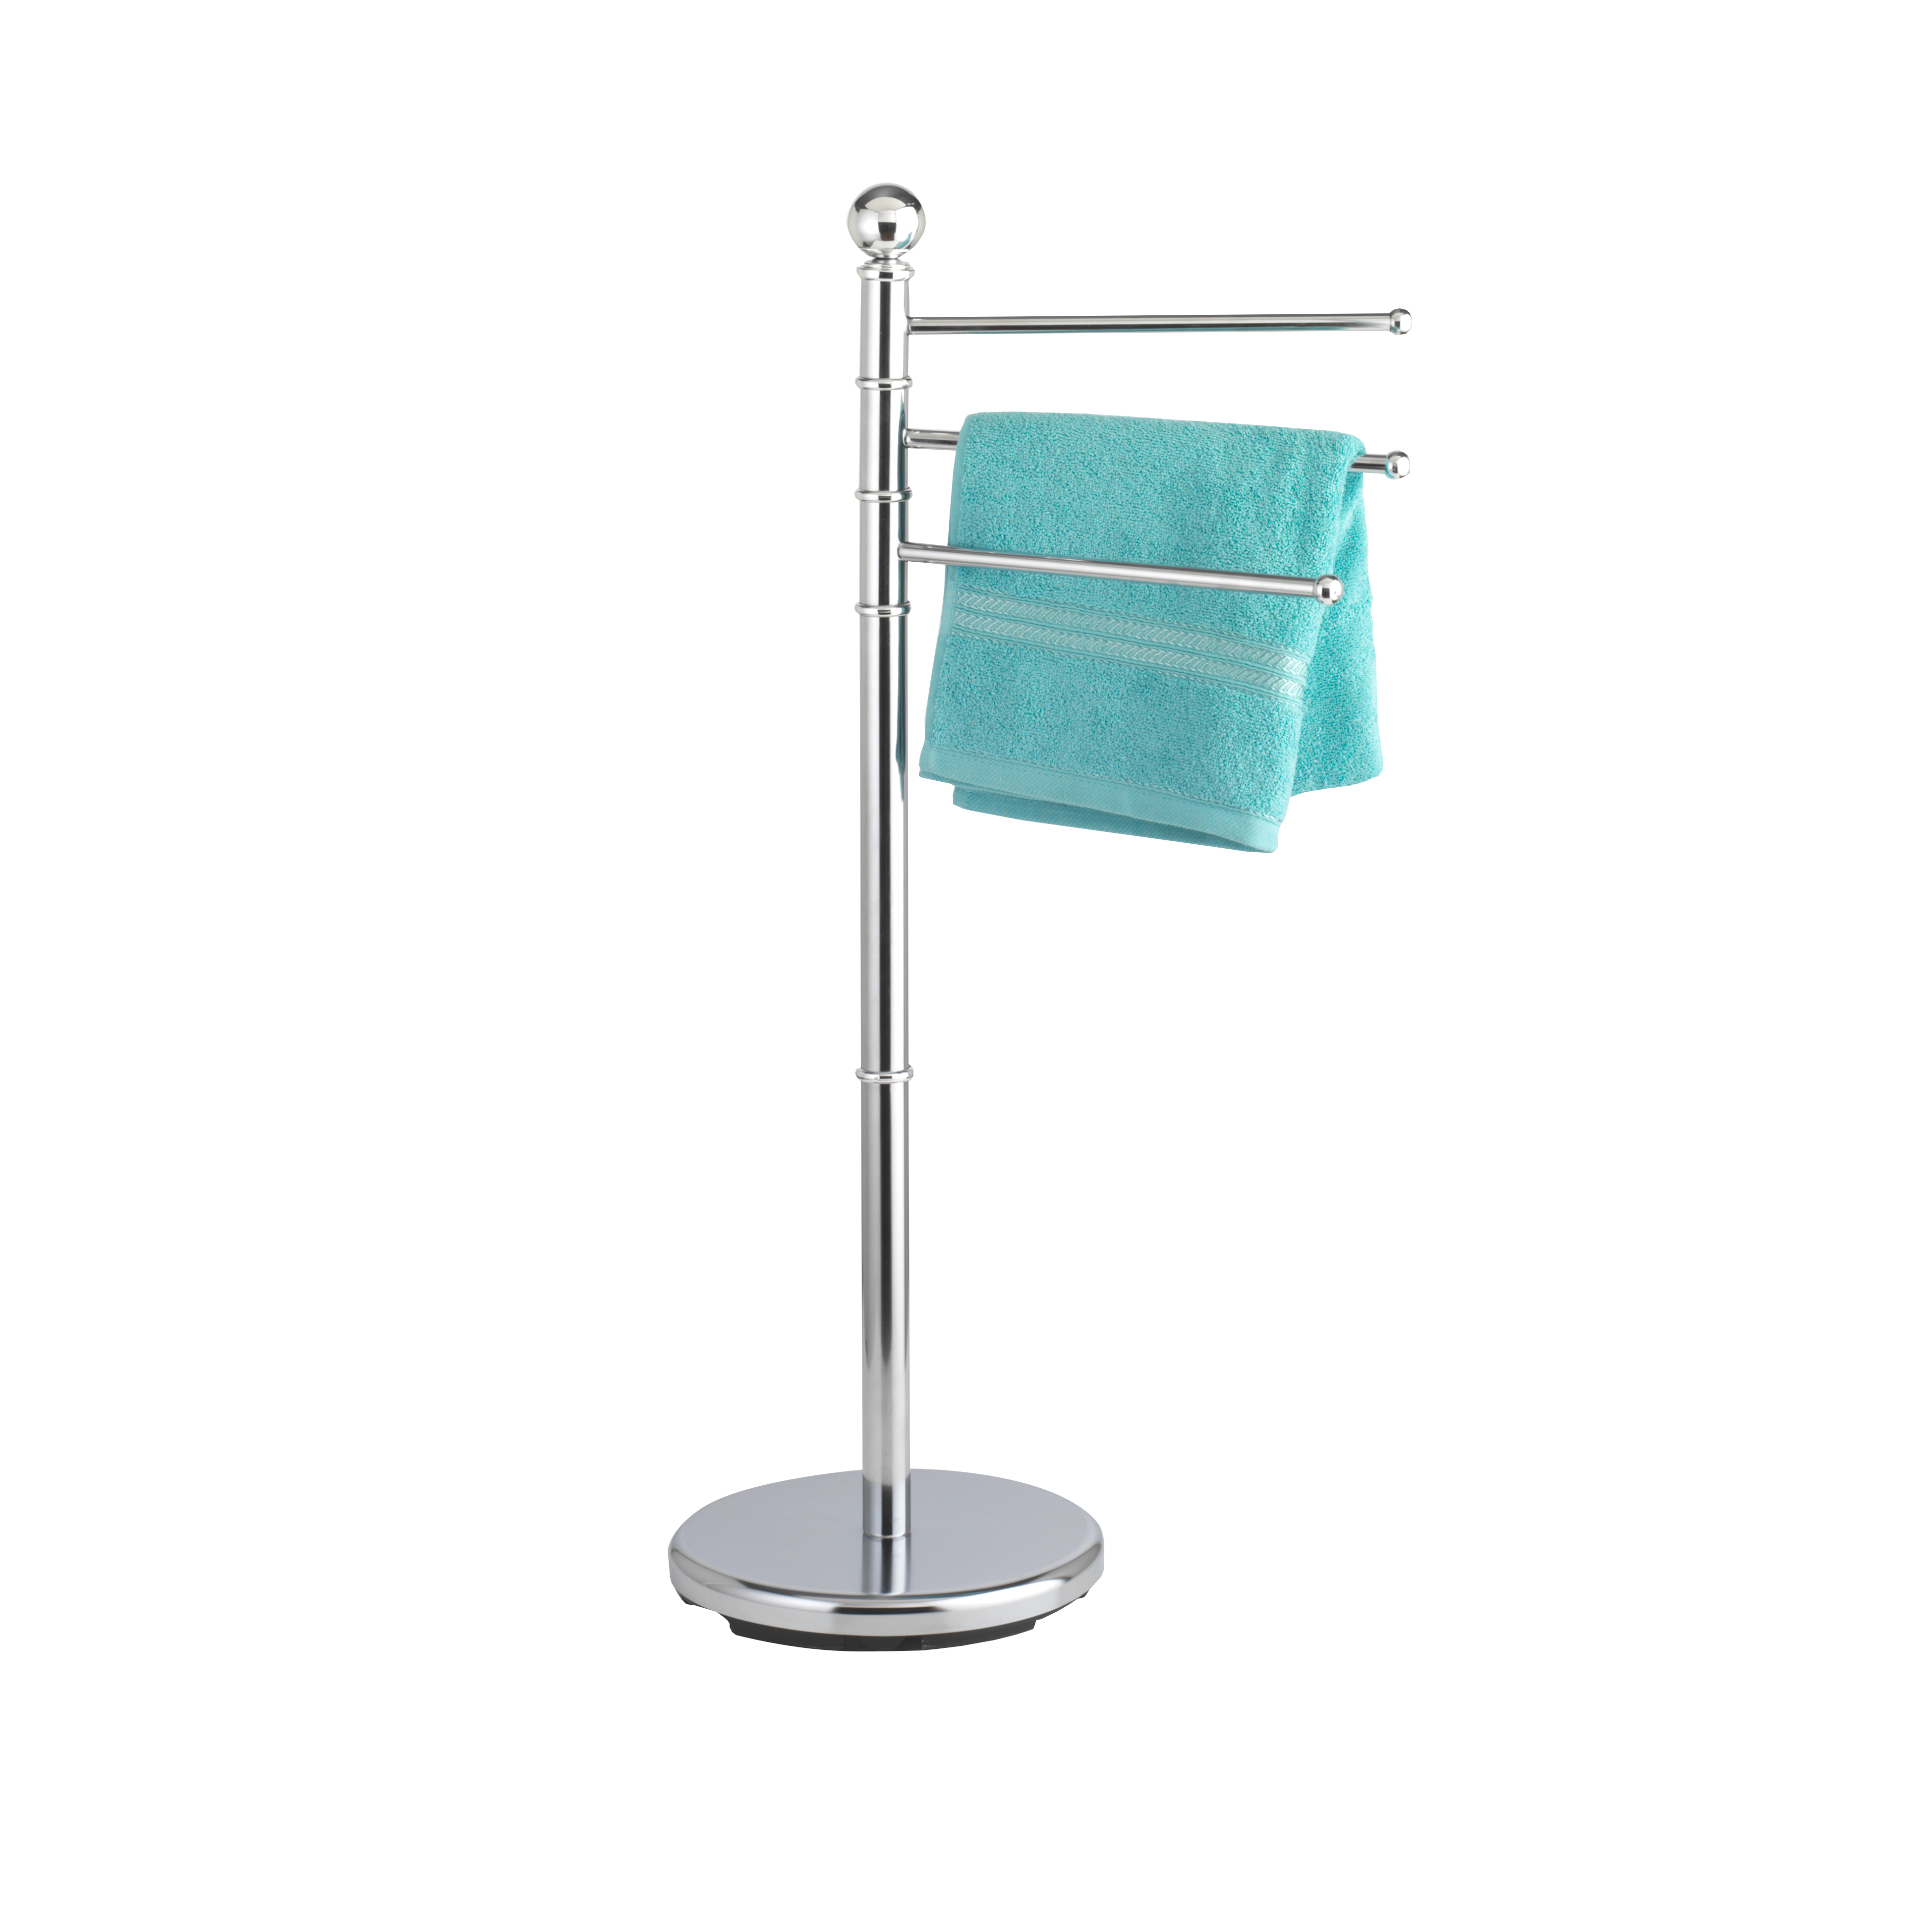 Вешалка для полотенец Axentia, напольная116904Напольная вешалка в виде овала Axentia изготовлена из высококачественной хромированной стали, устойчивой к коррозии в условиях высокой влажности в ванной комнате. Вешалка оснащена 3 вращающимися планками. Изделие предназначено для подвешивания полотенец и имеет утяжеленное основание для повышенной устойчивости.Высота вешалки: 91 см.